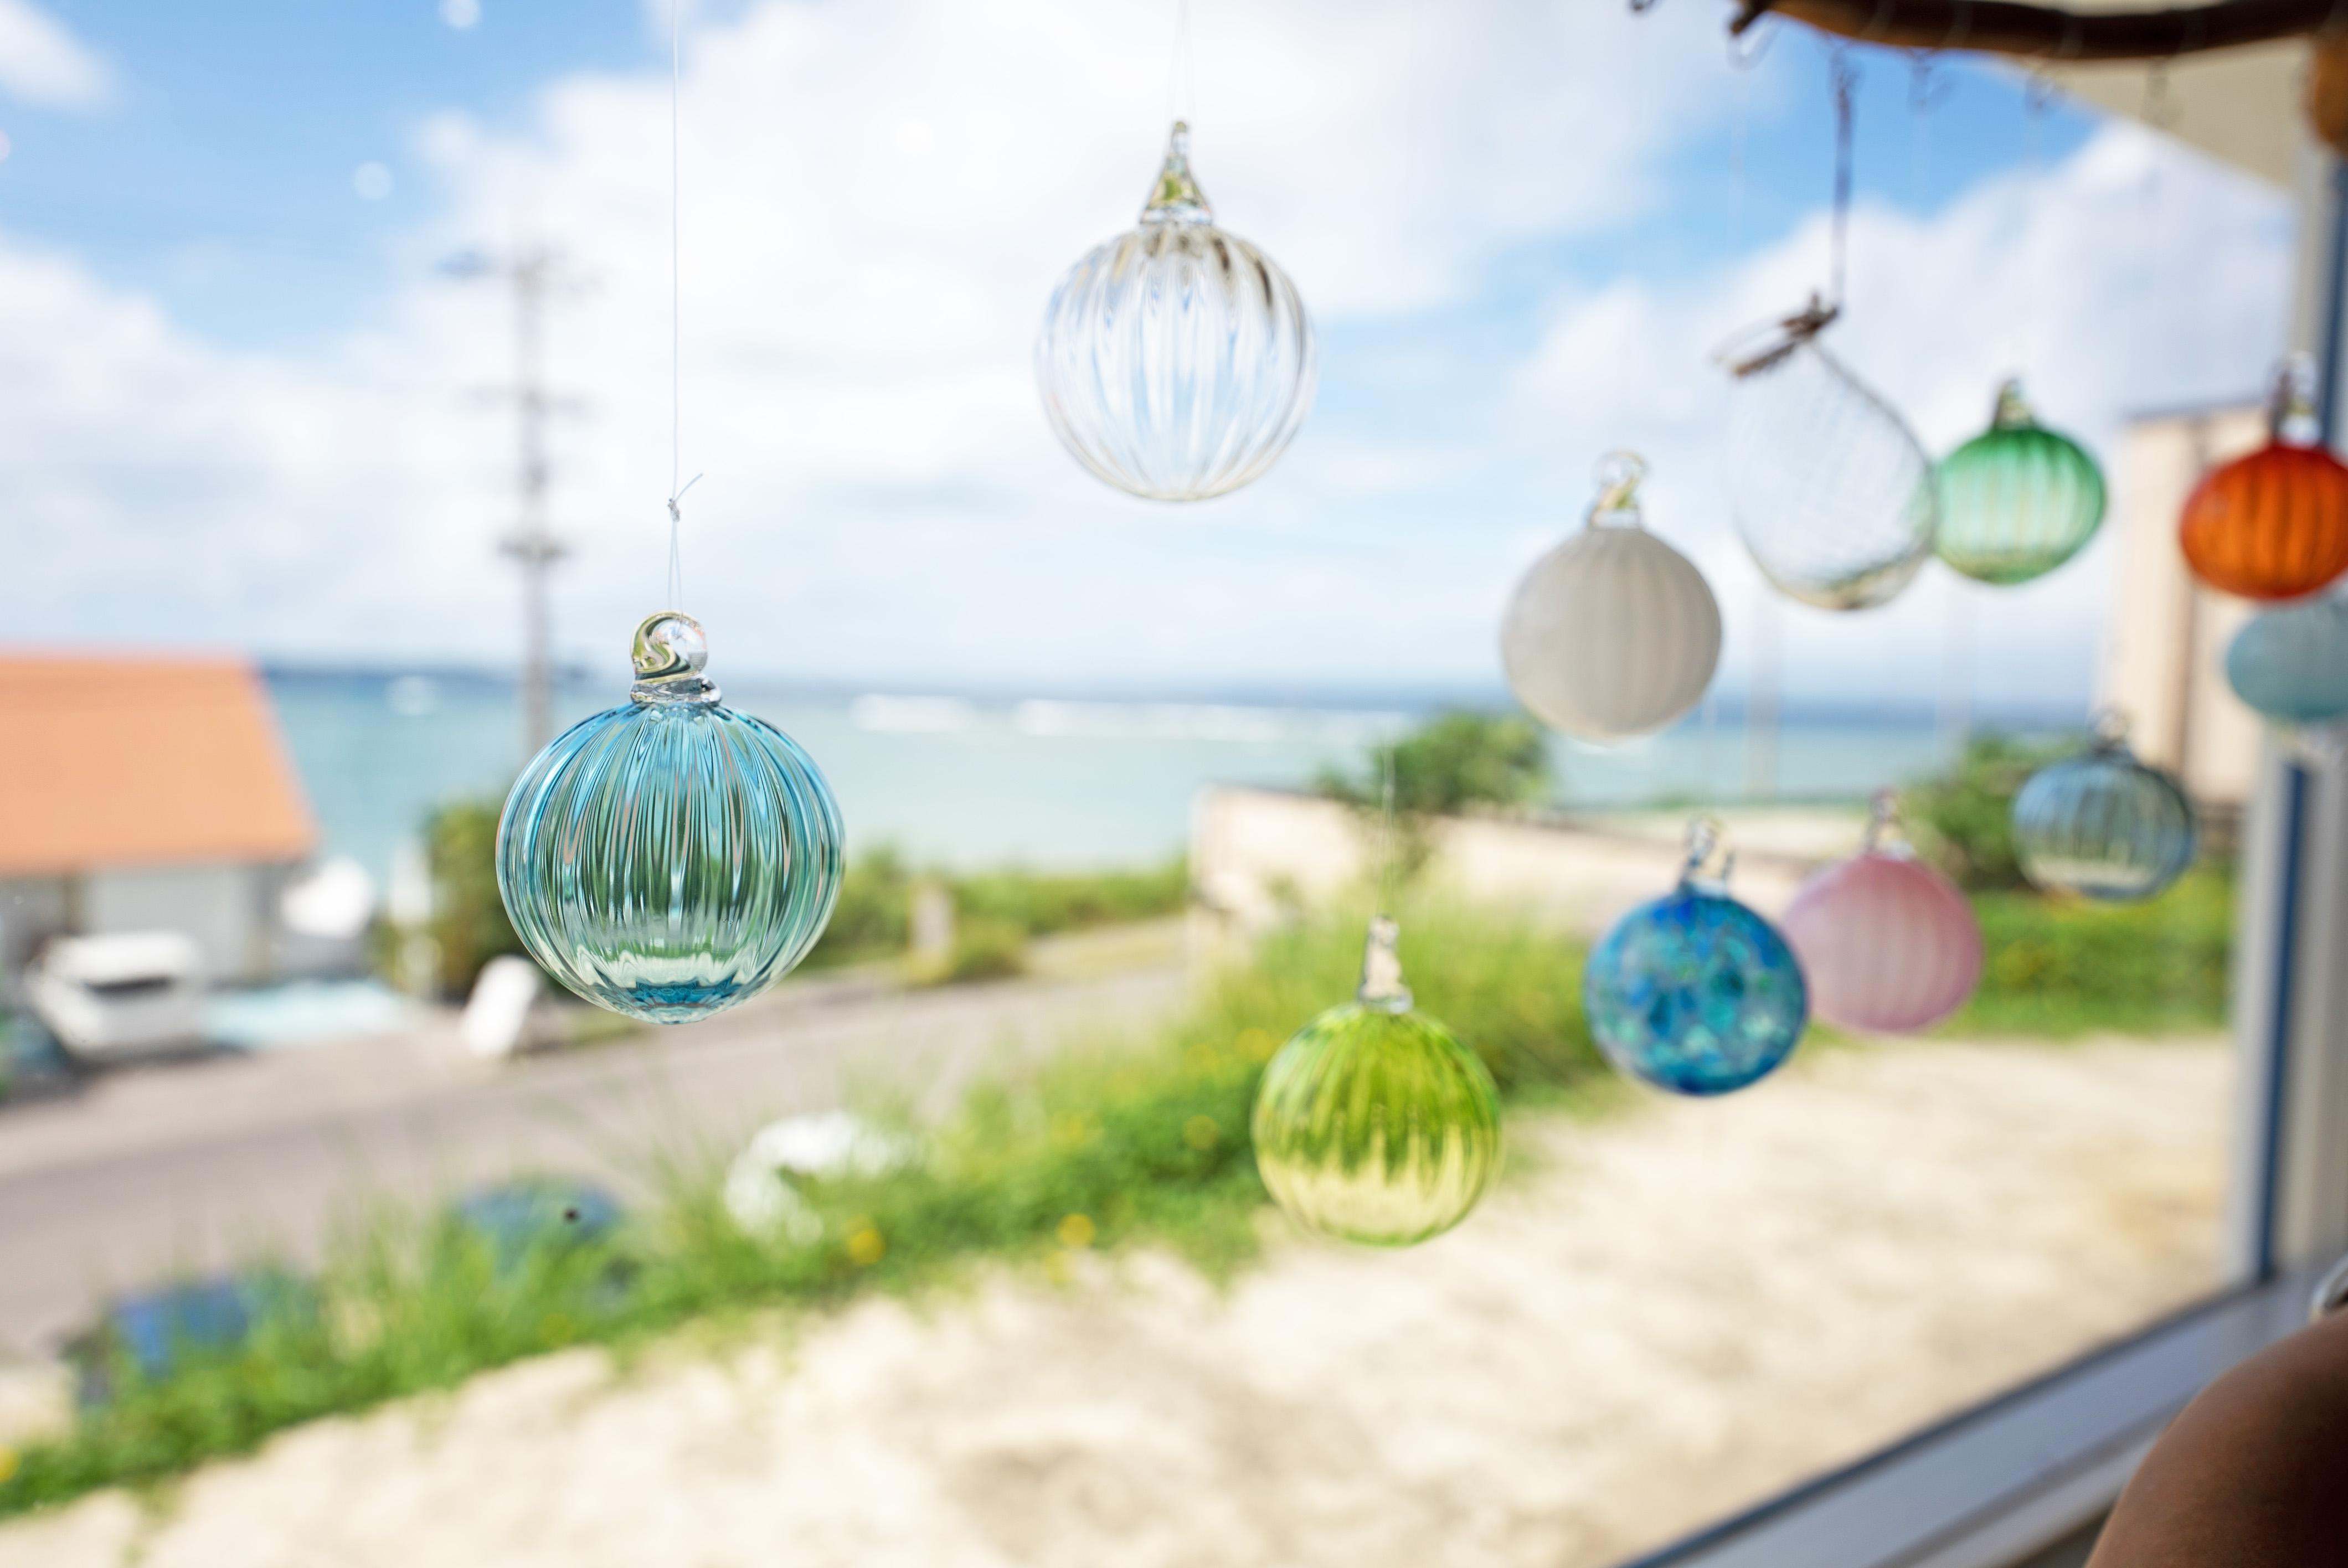 石垣島の美ら海を望むハイセンスな工房。「ジェルキャンドル作成」など、子どもでも楽しめるメニューもそろう